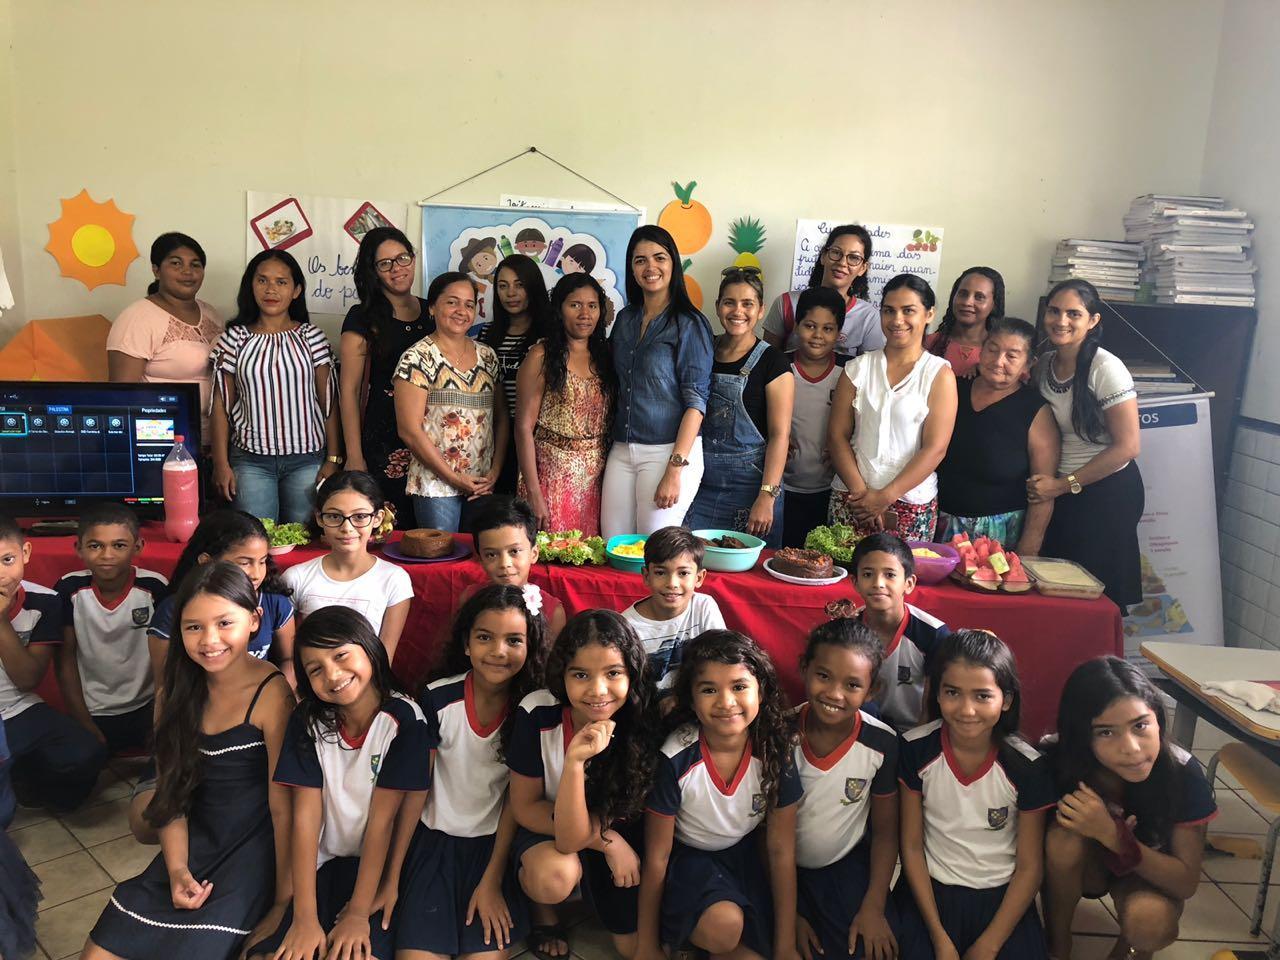 Governador Nunes Freire recebe o selo de participação da Jornada de Educação Alimentar e Nutricional